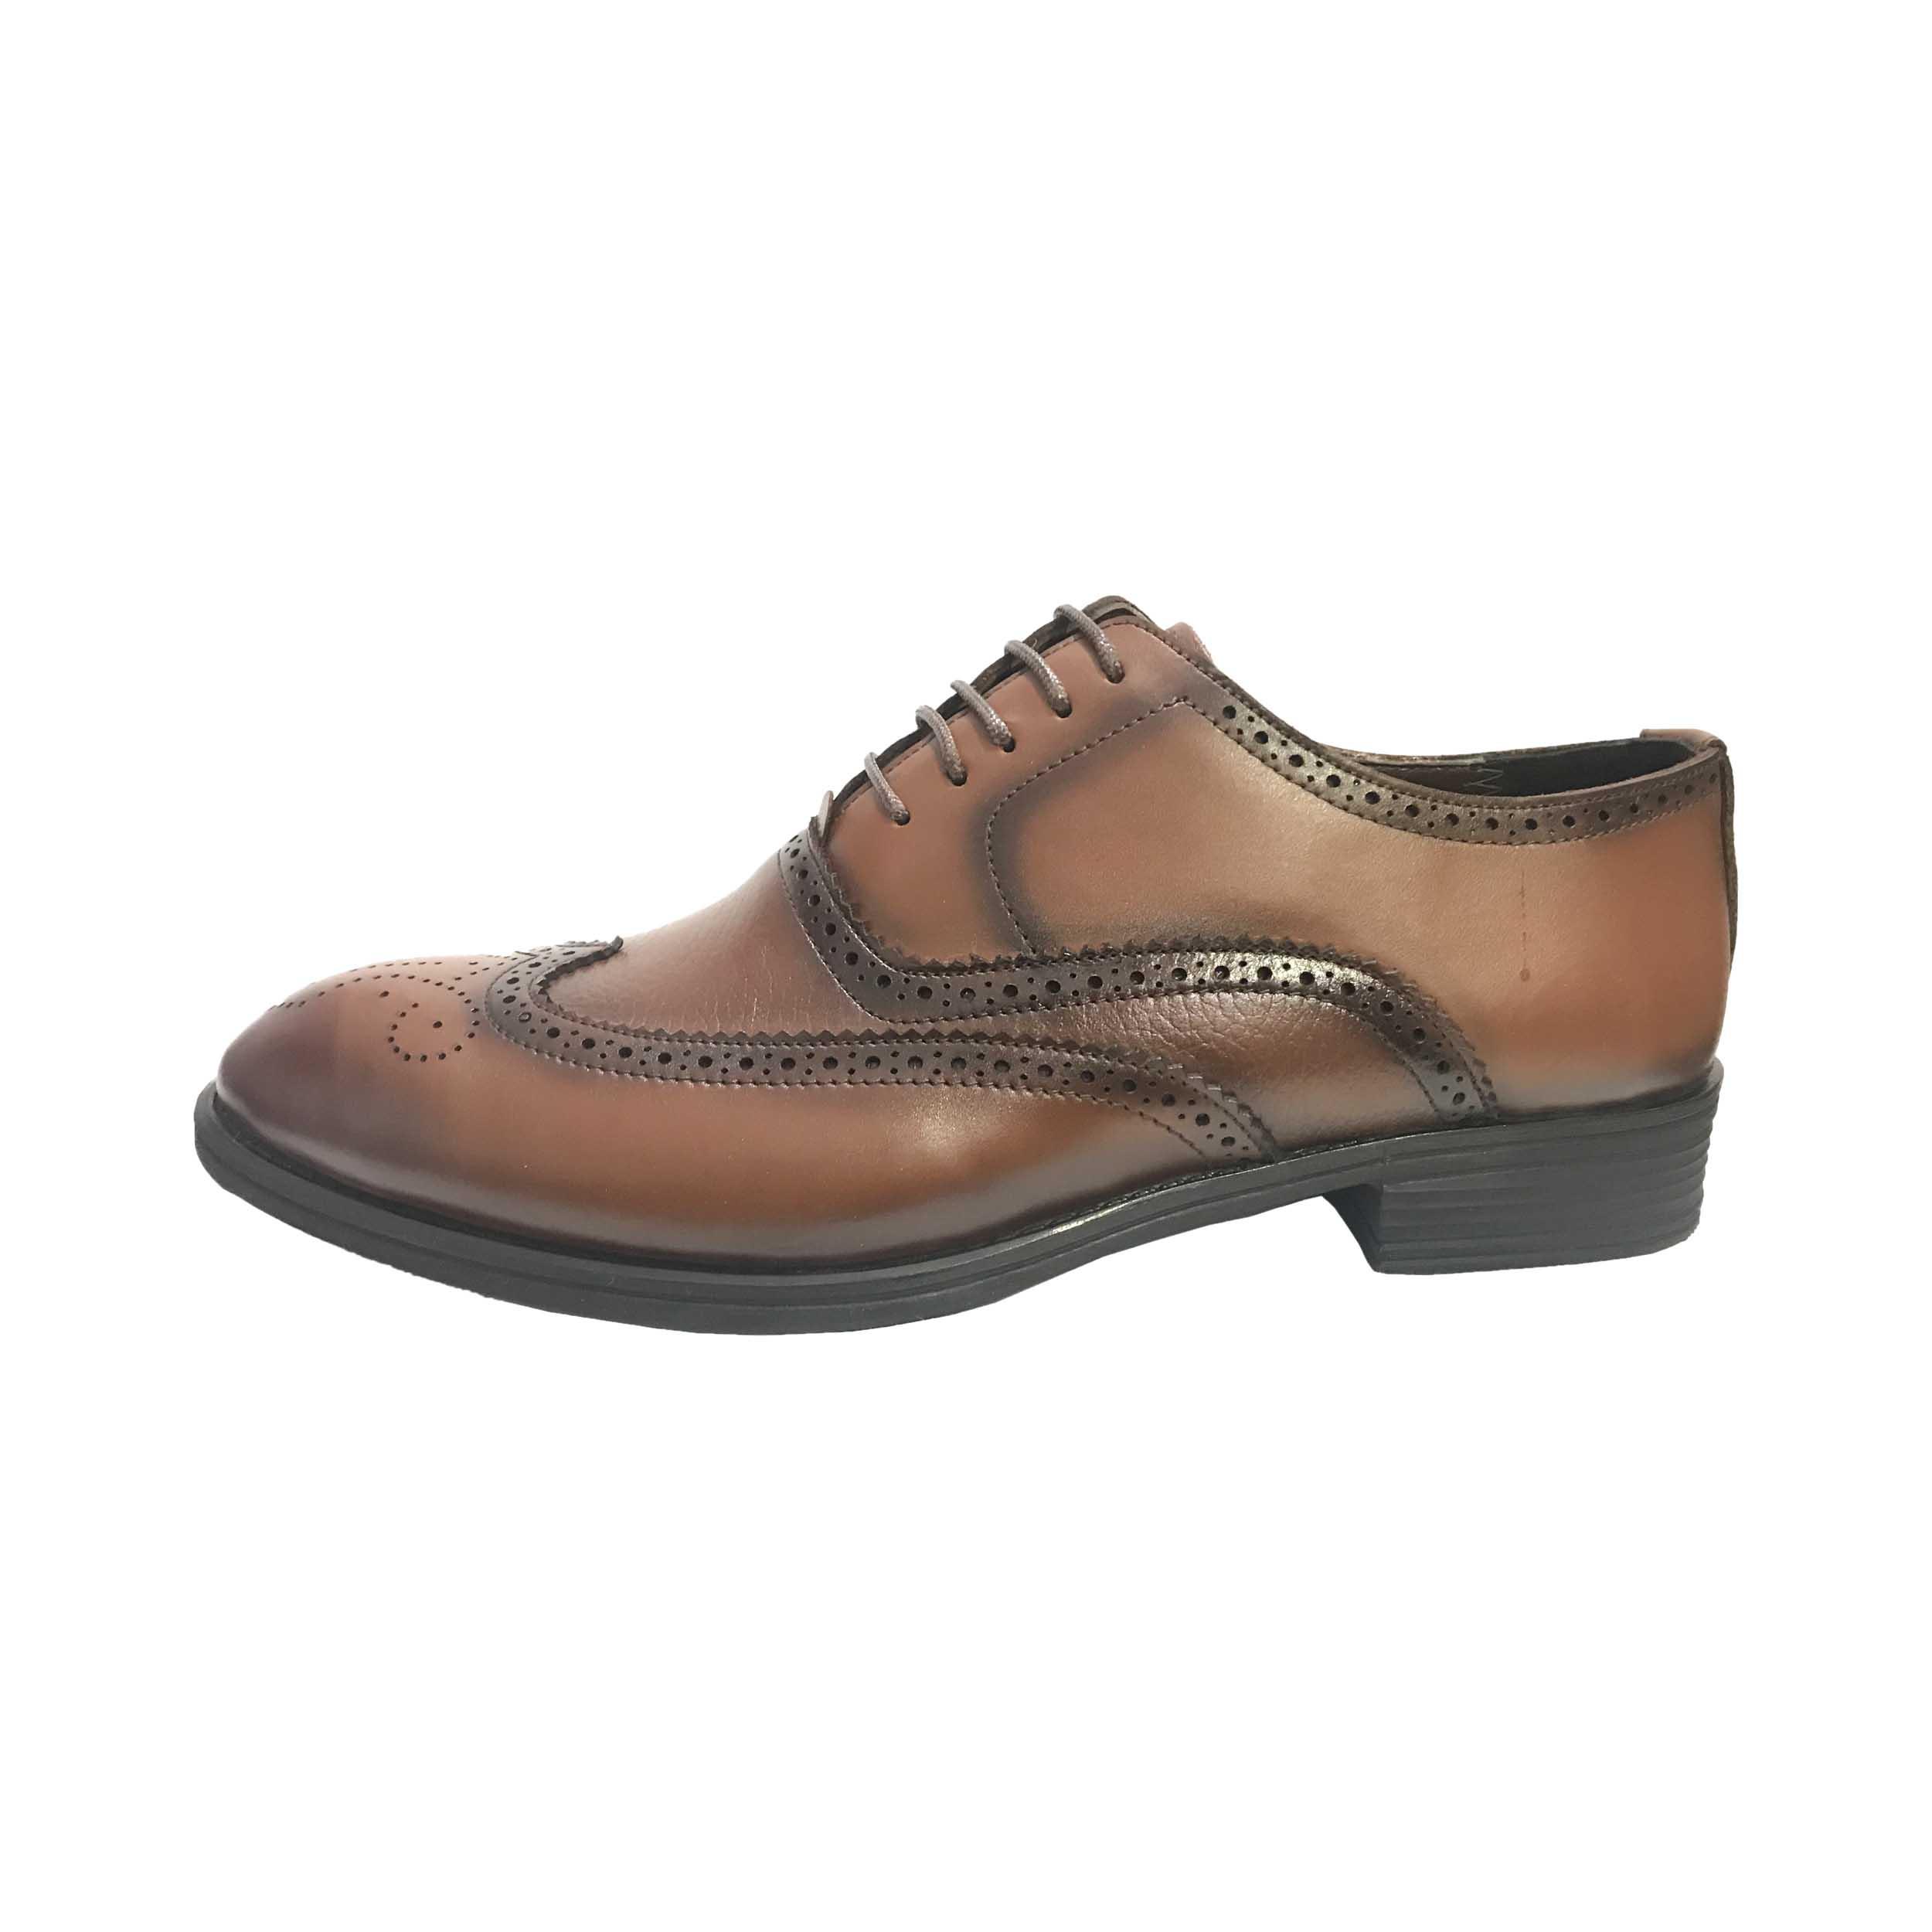 قیمت کفش مردانه پرشیا مدل A1 Band